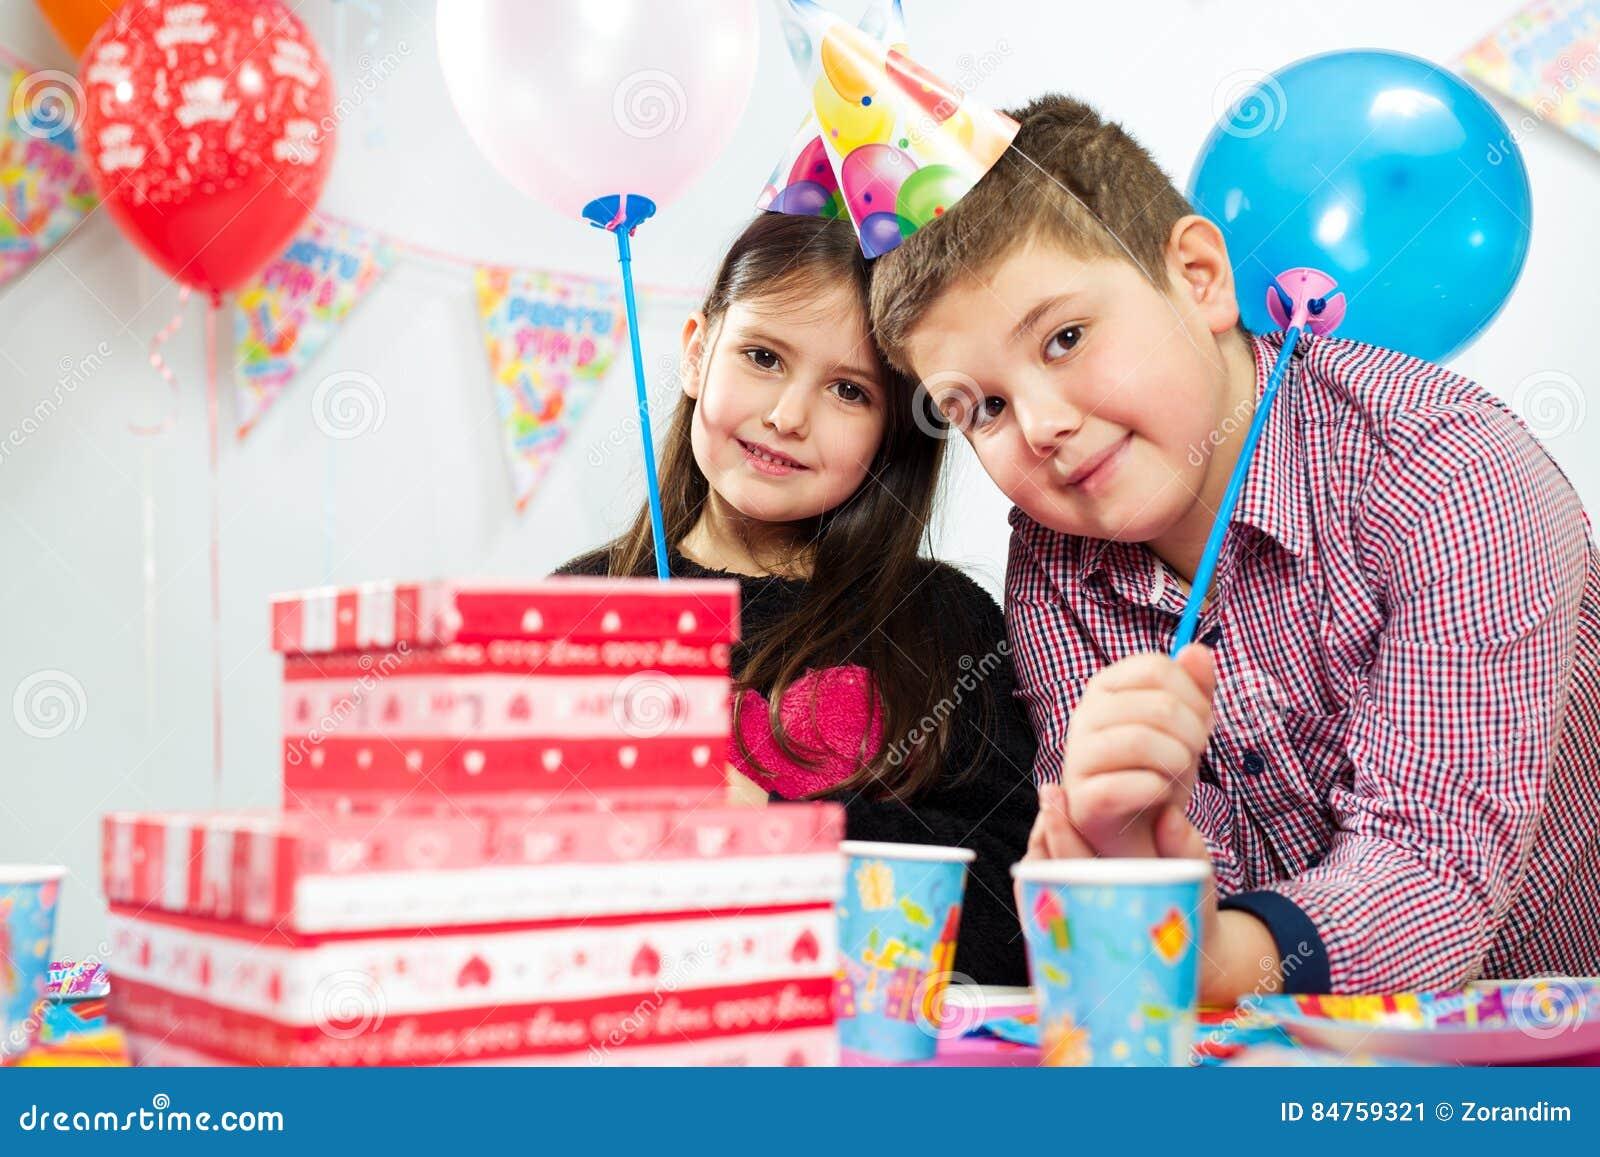 Grupo feliz de niños que se divierten en la fiesta de cumpleaños